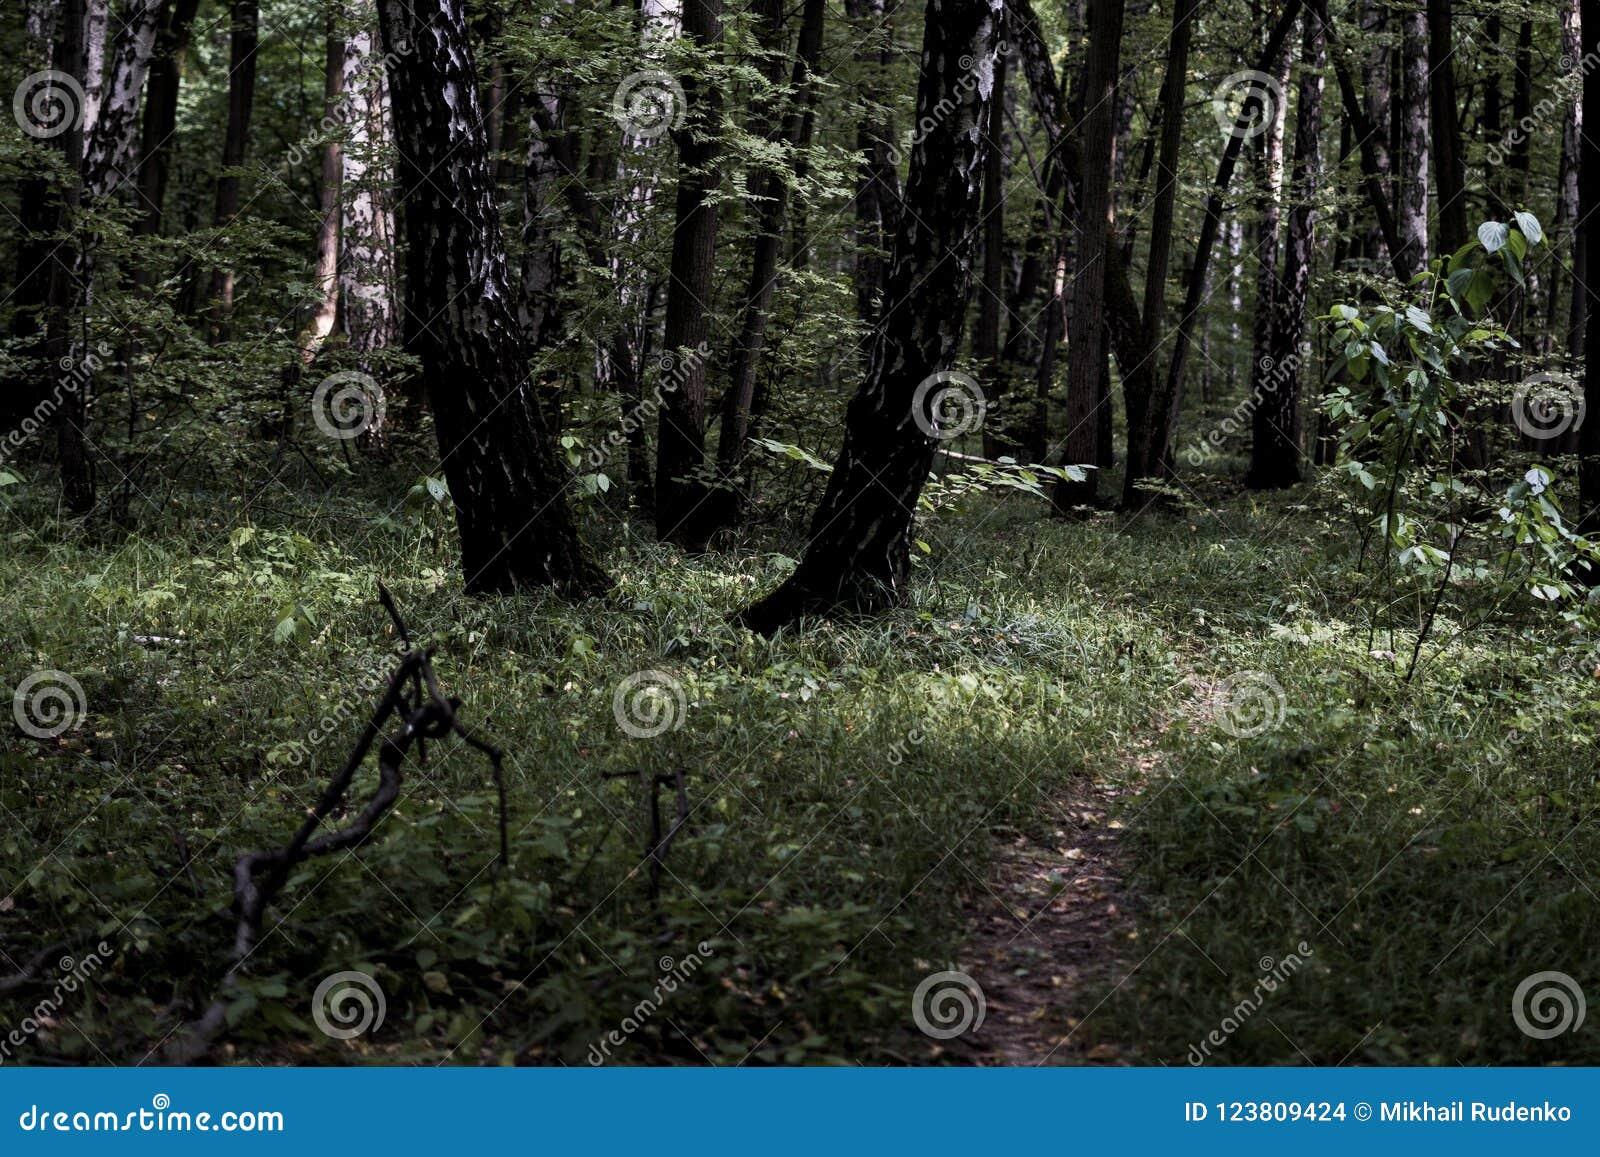 Dunkler schwermütiger nebelhafter schwerer Waldweg mit vielen Bäumen